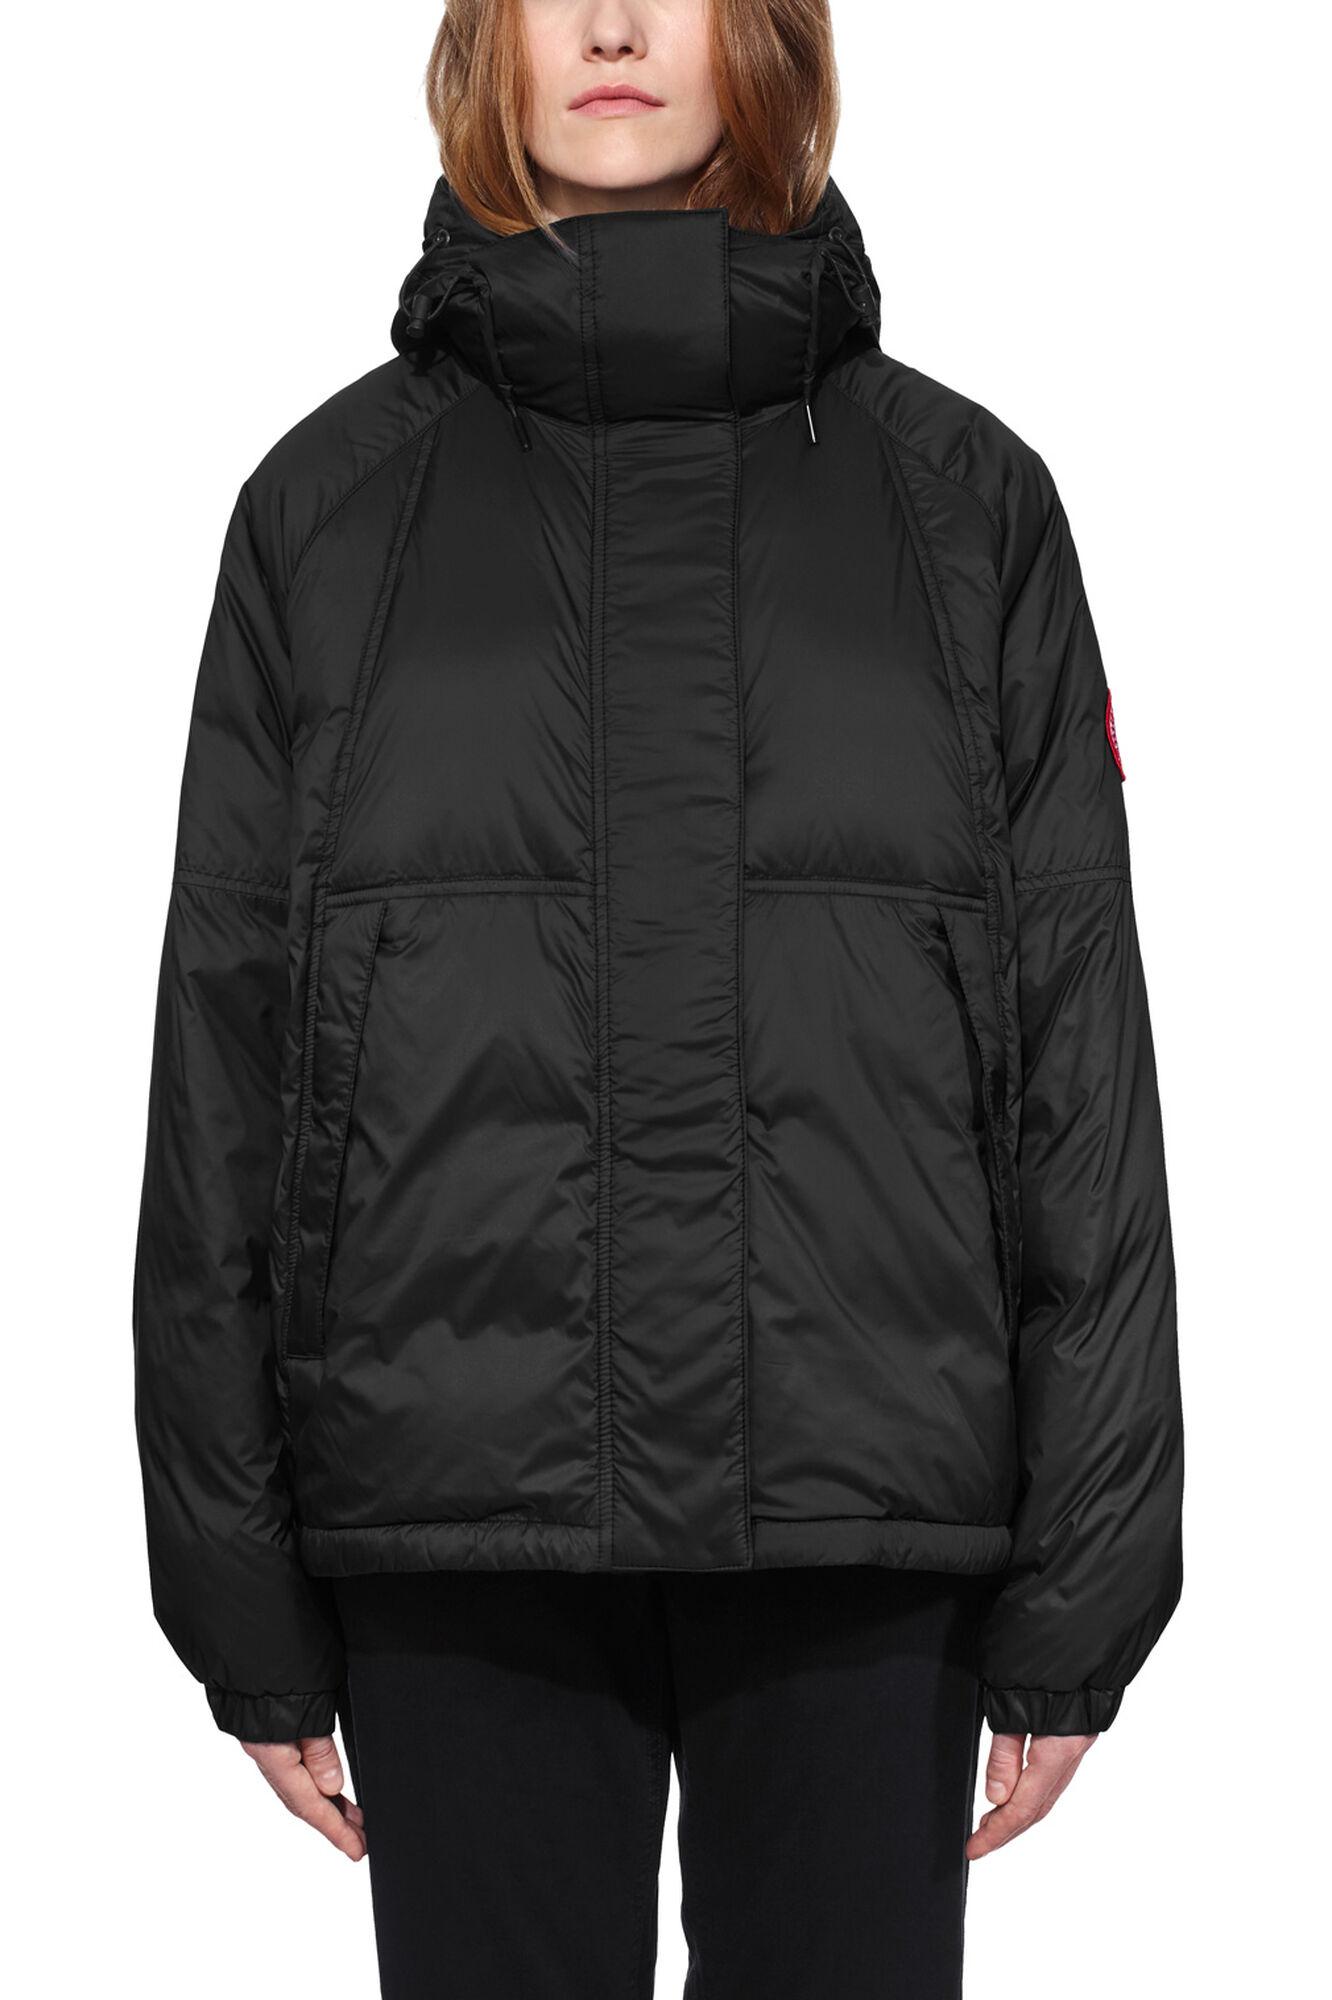 Campden Jacket